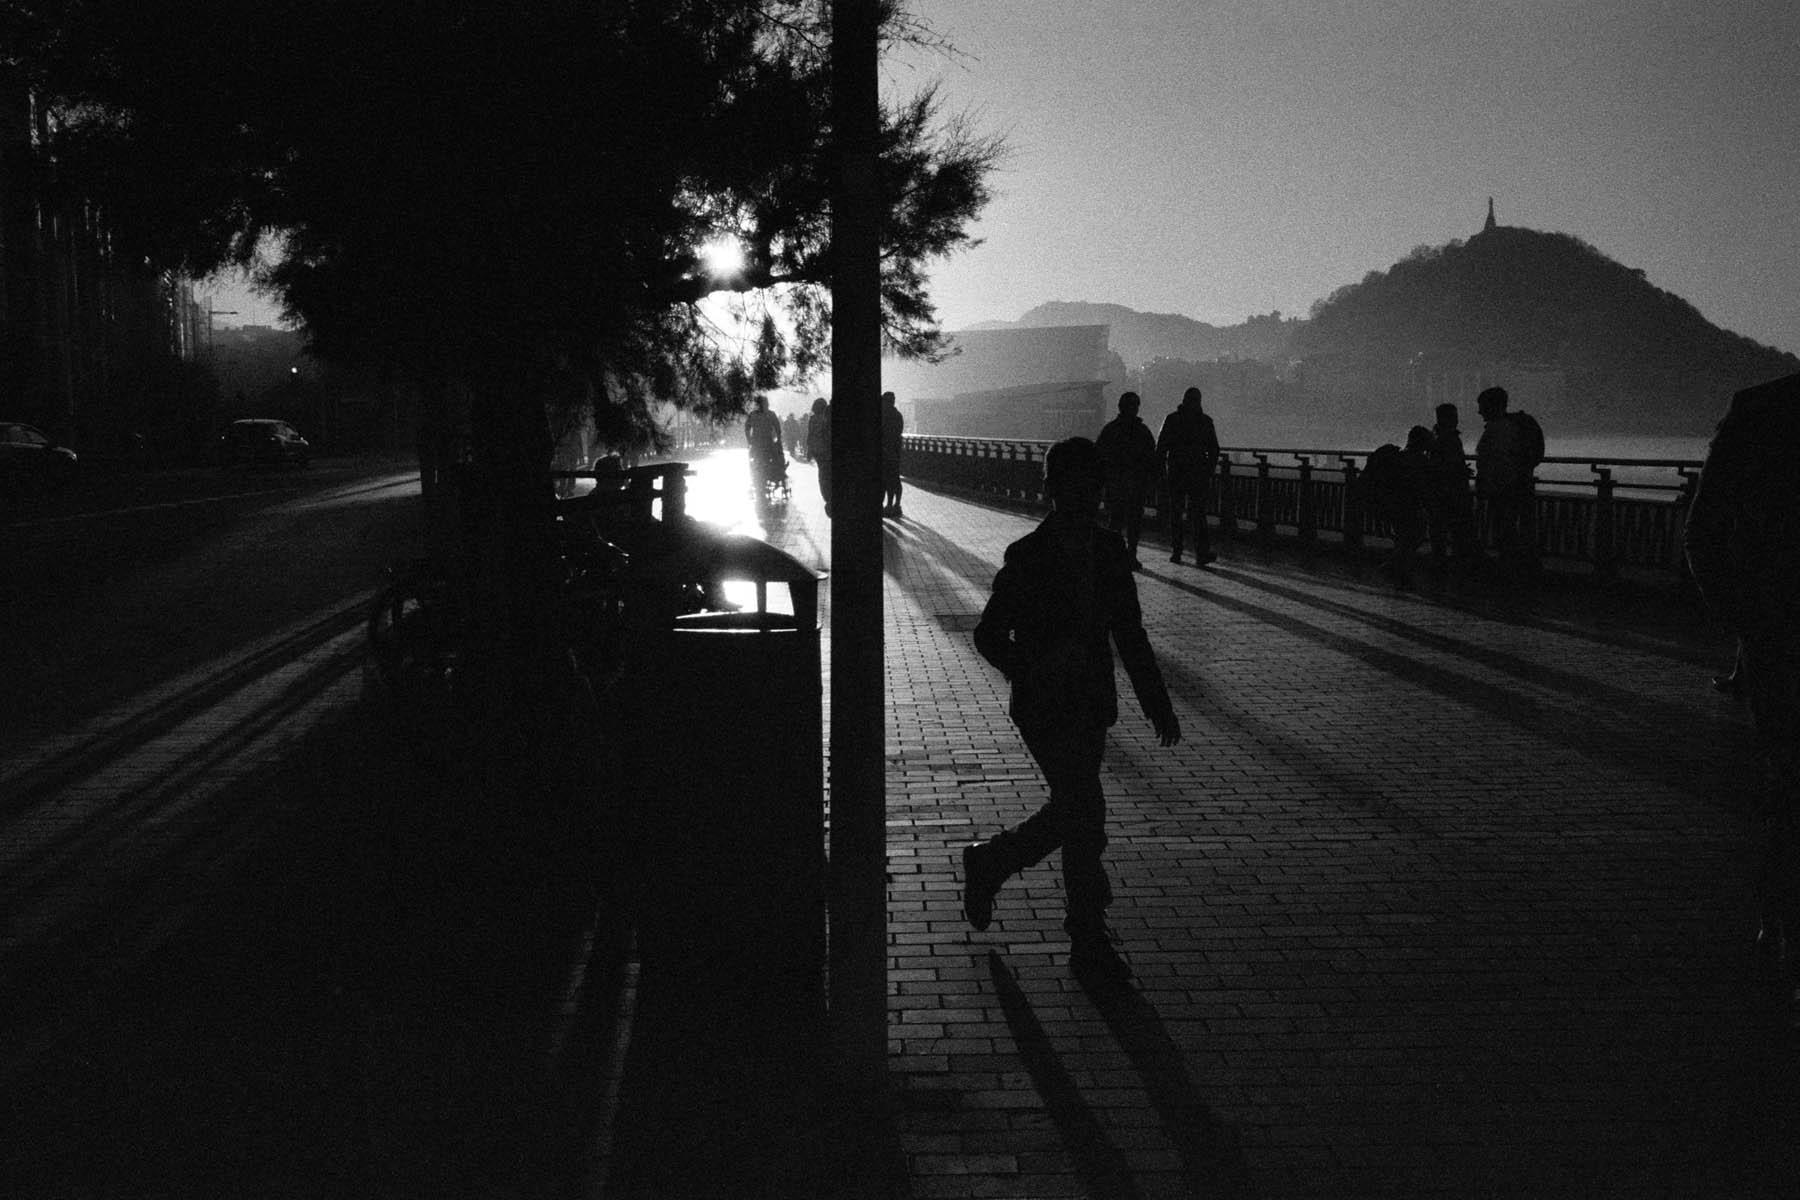 golden hour | Leica M6 | Zeiss C Biogon 35mm f2.8 | Argenti ARF+ | HC 110 | lilly schwartz